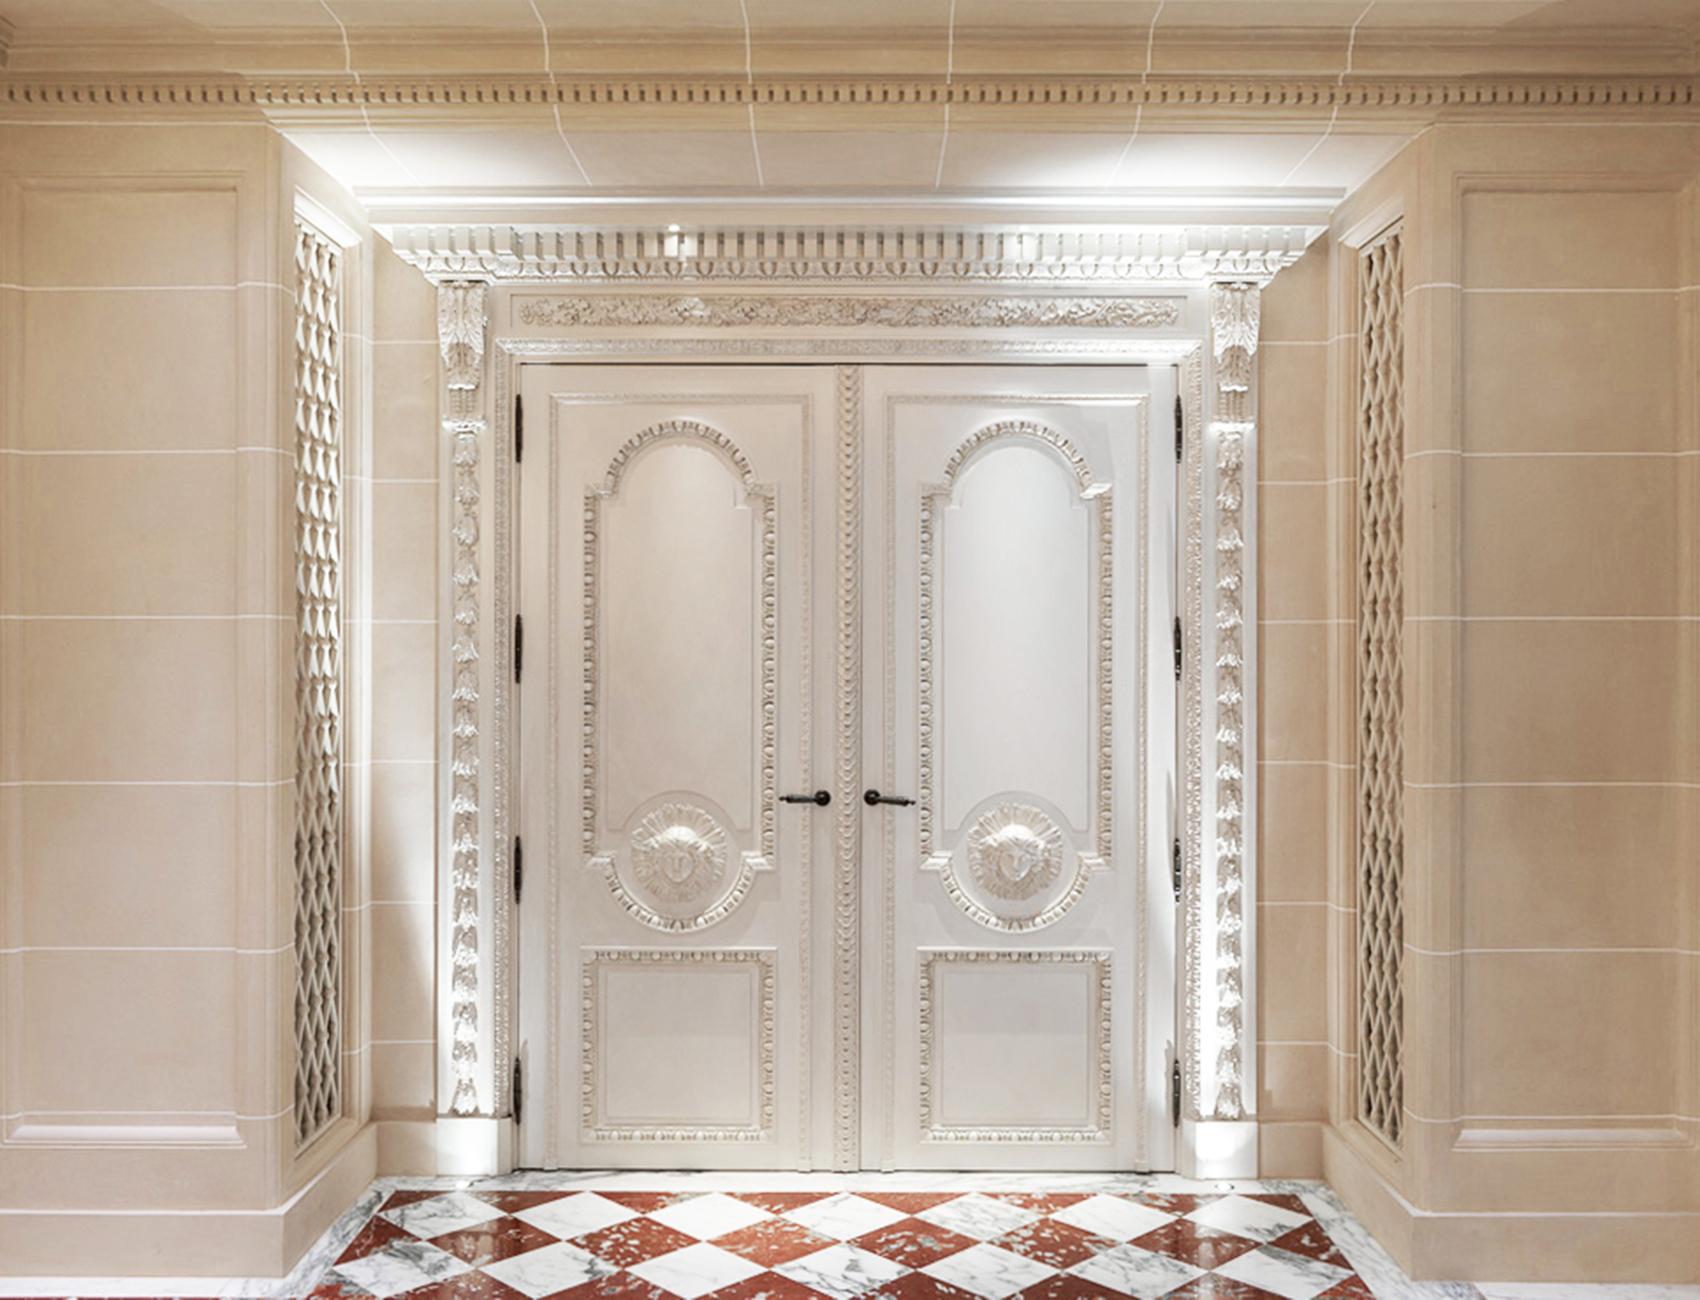 Double porte chêne peint blanc inspiré Claude Nicolas Ledoux Apollon rayonnant, hôtel de Crillon